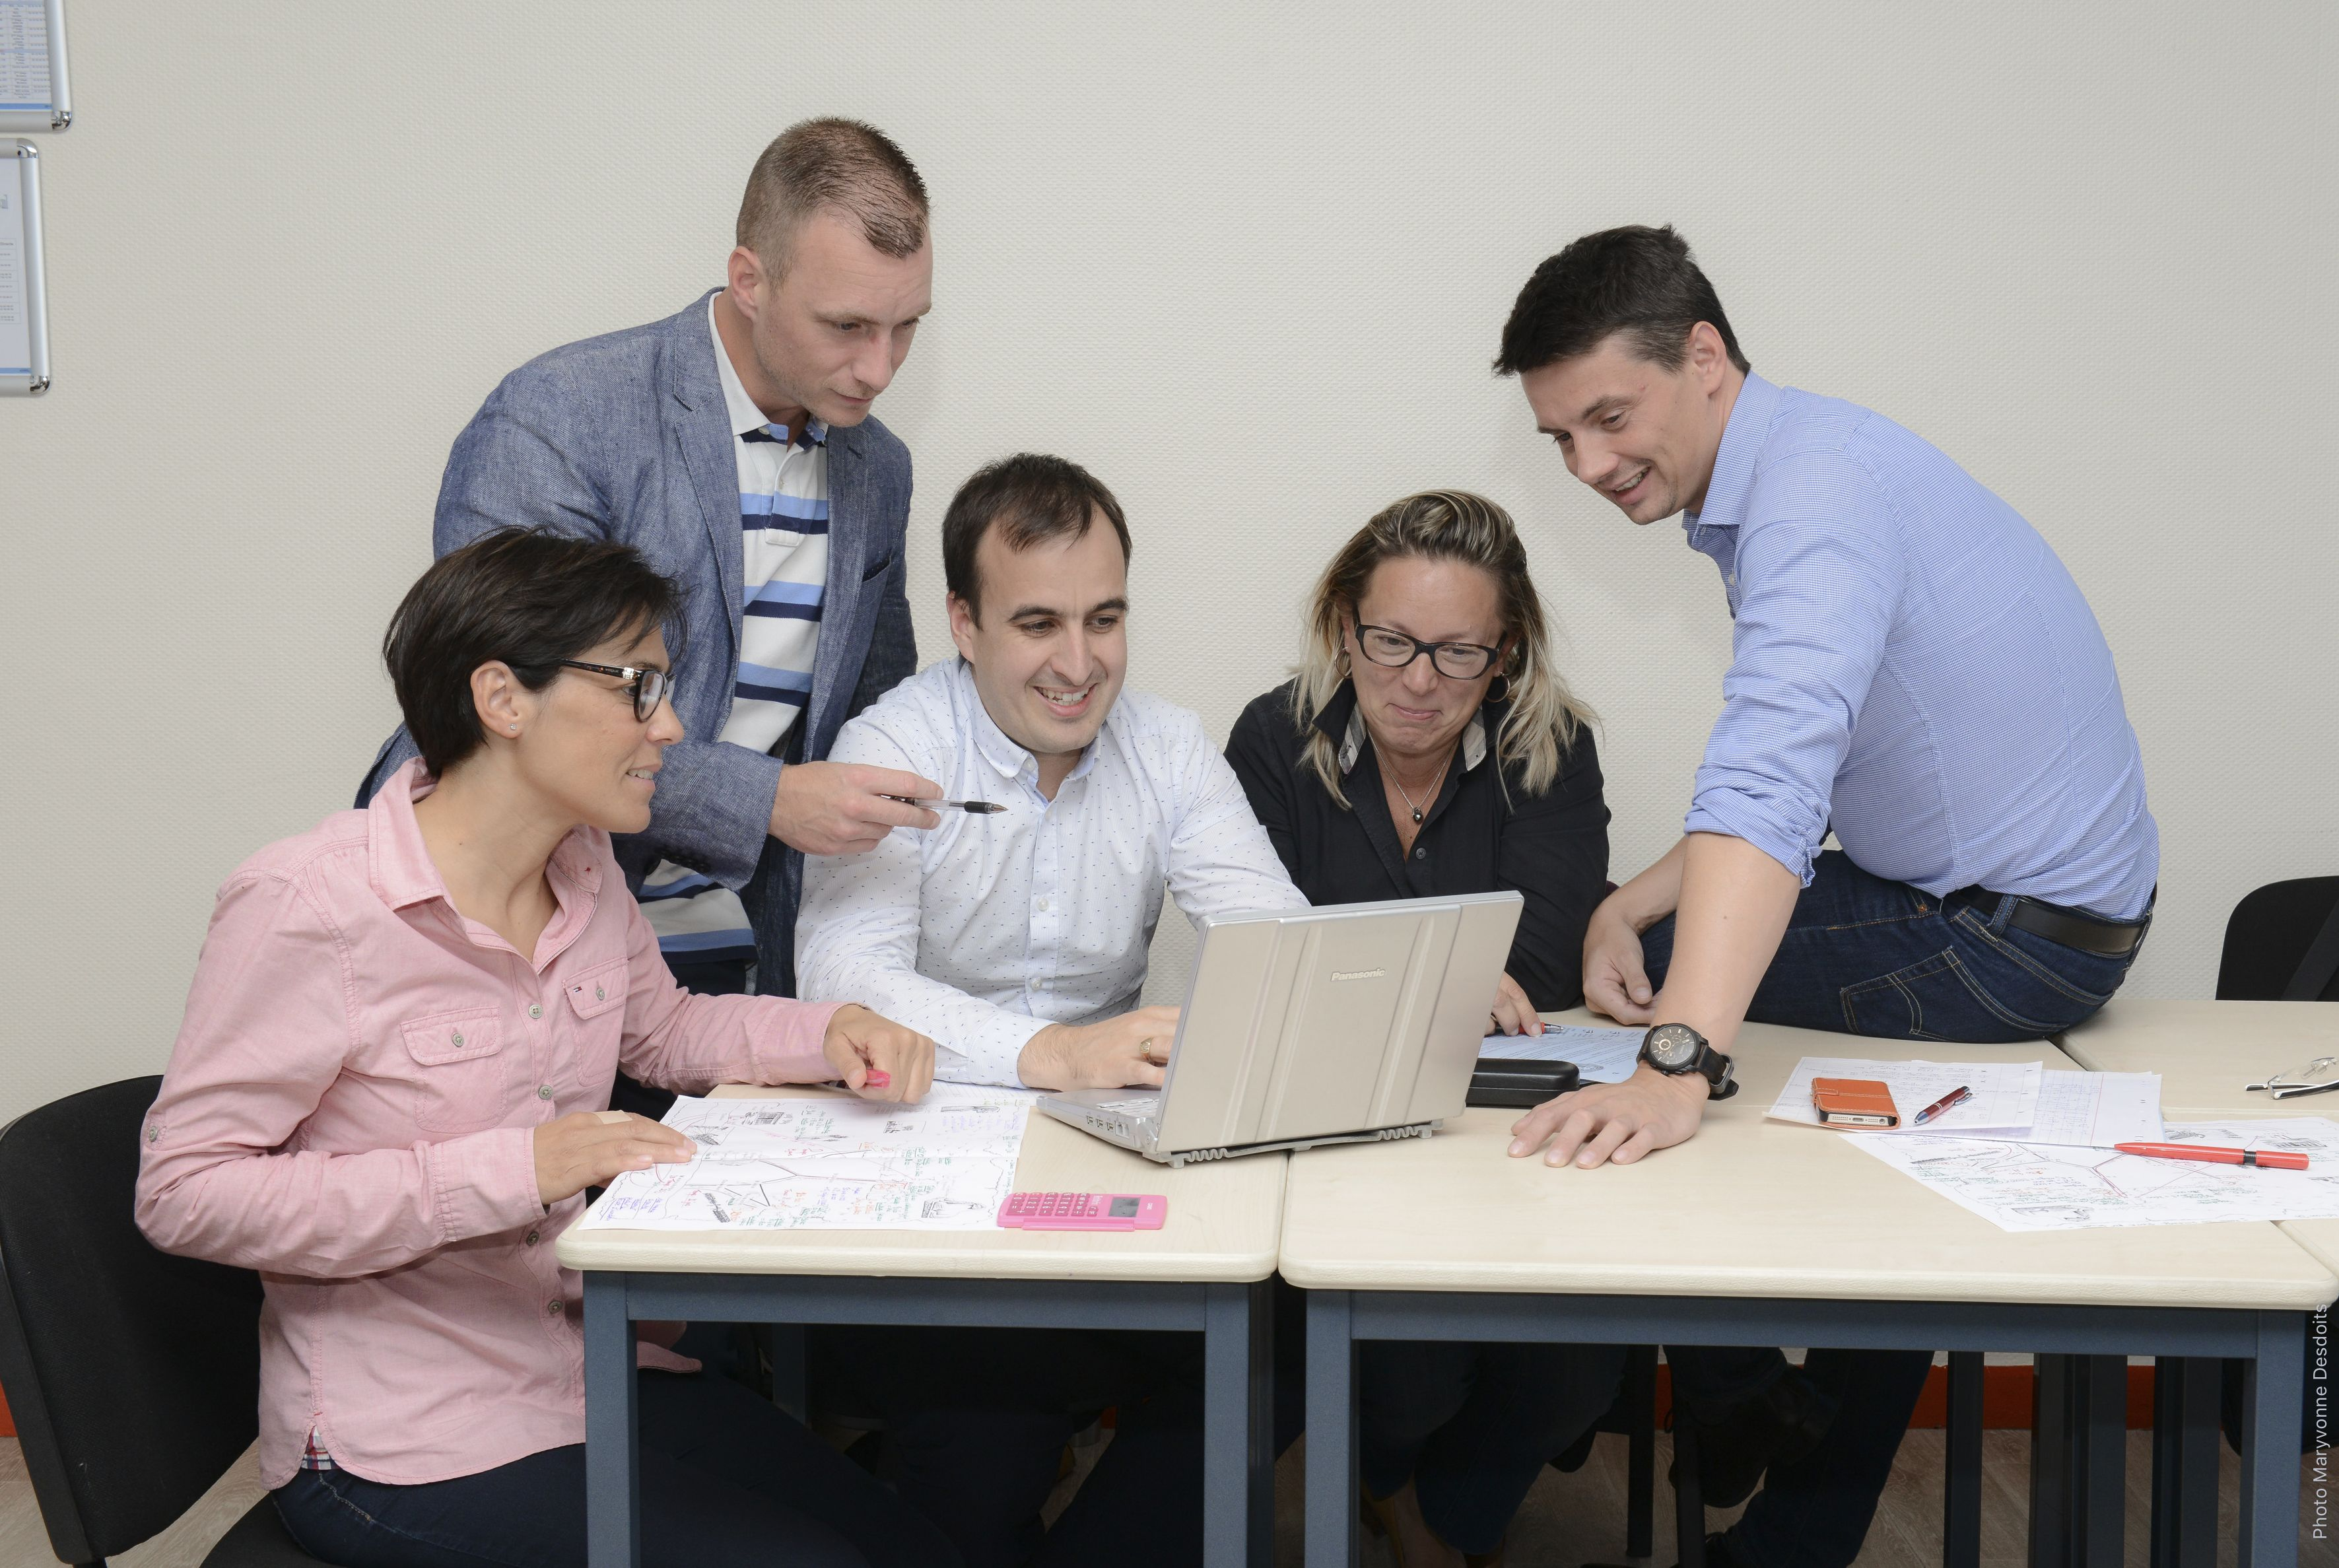 Une réforme de la formation ancrée dans les pratiques de travail contemporaines